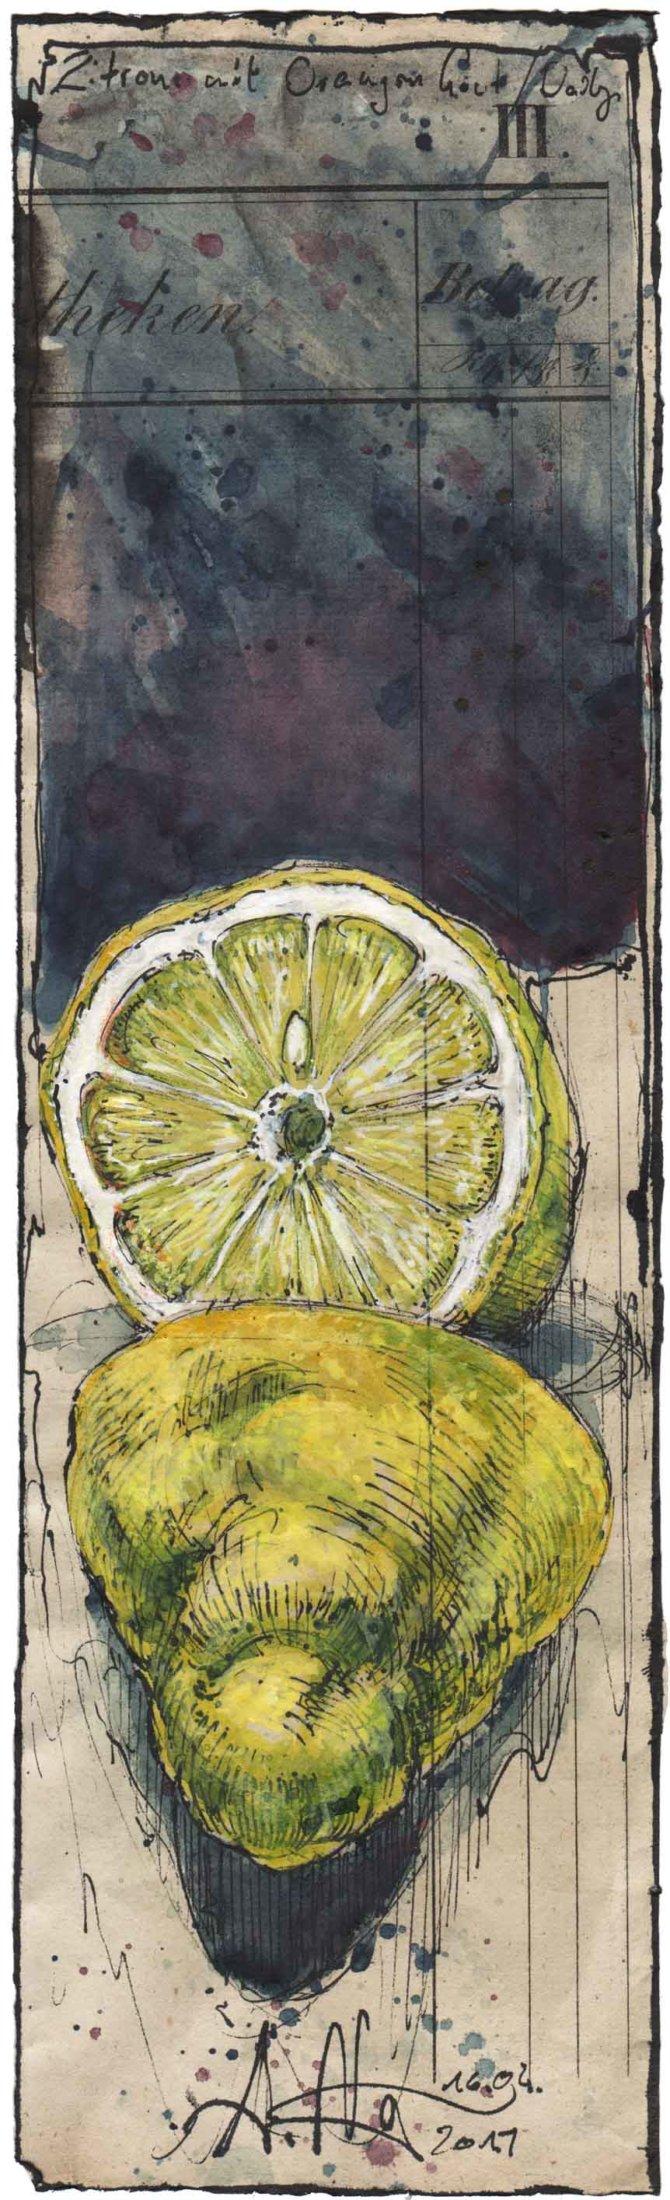 Zitrone mit Orangenhaut